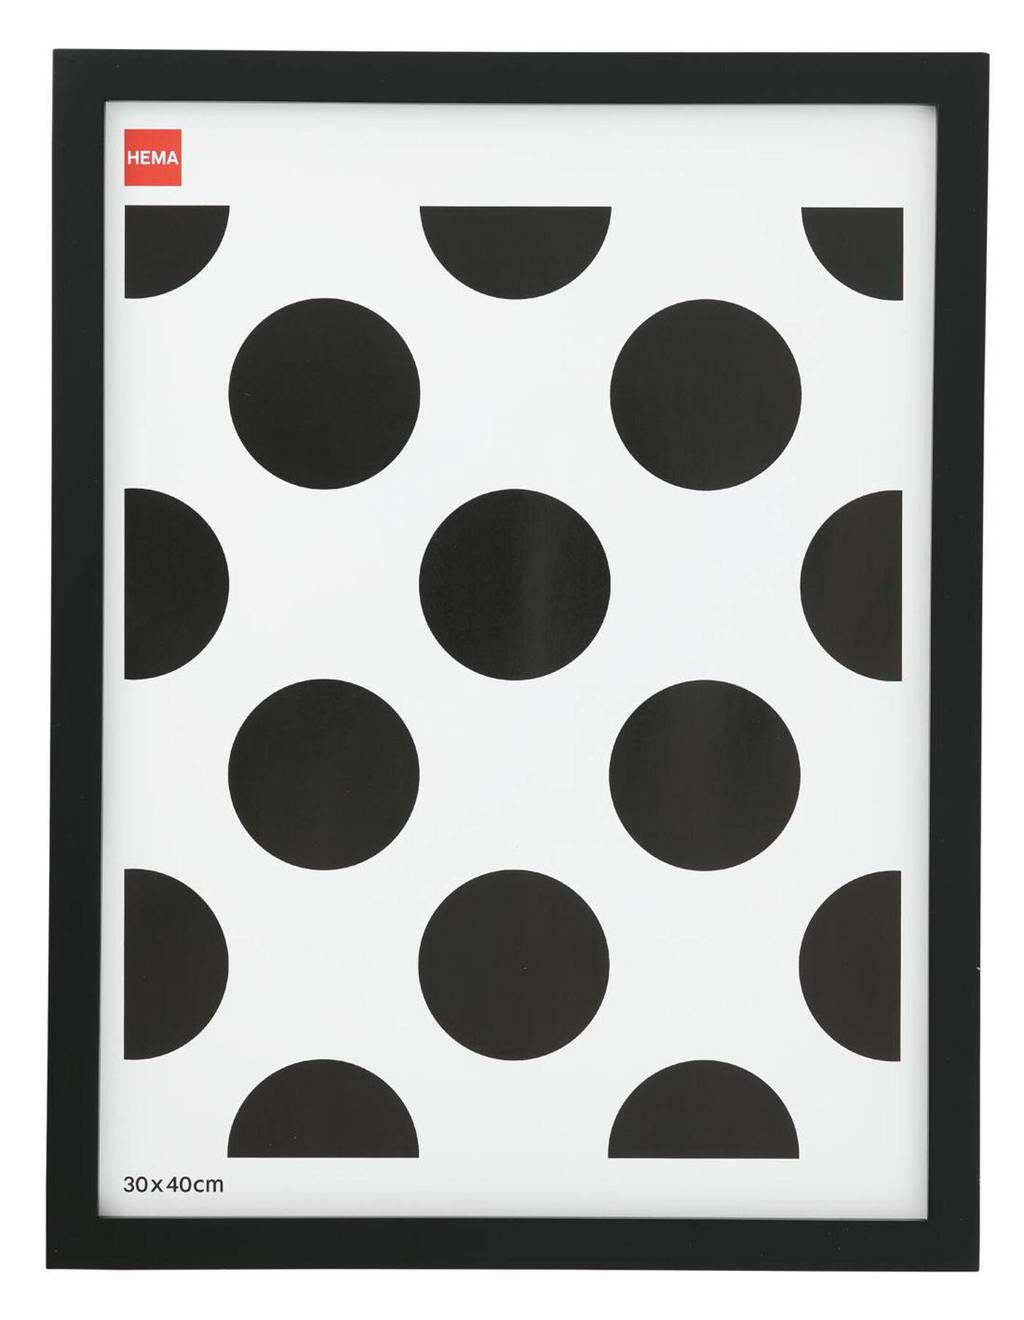 HEMA fotolijst  (30x40 cm), Zwart